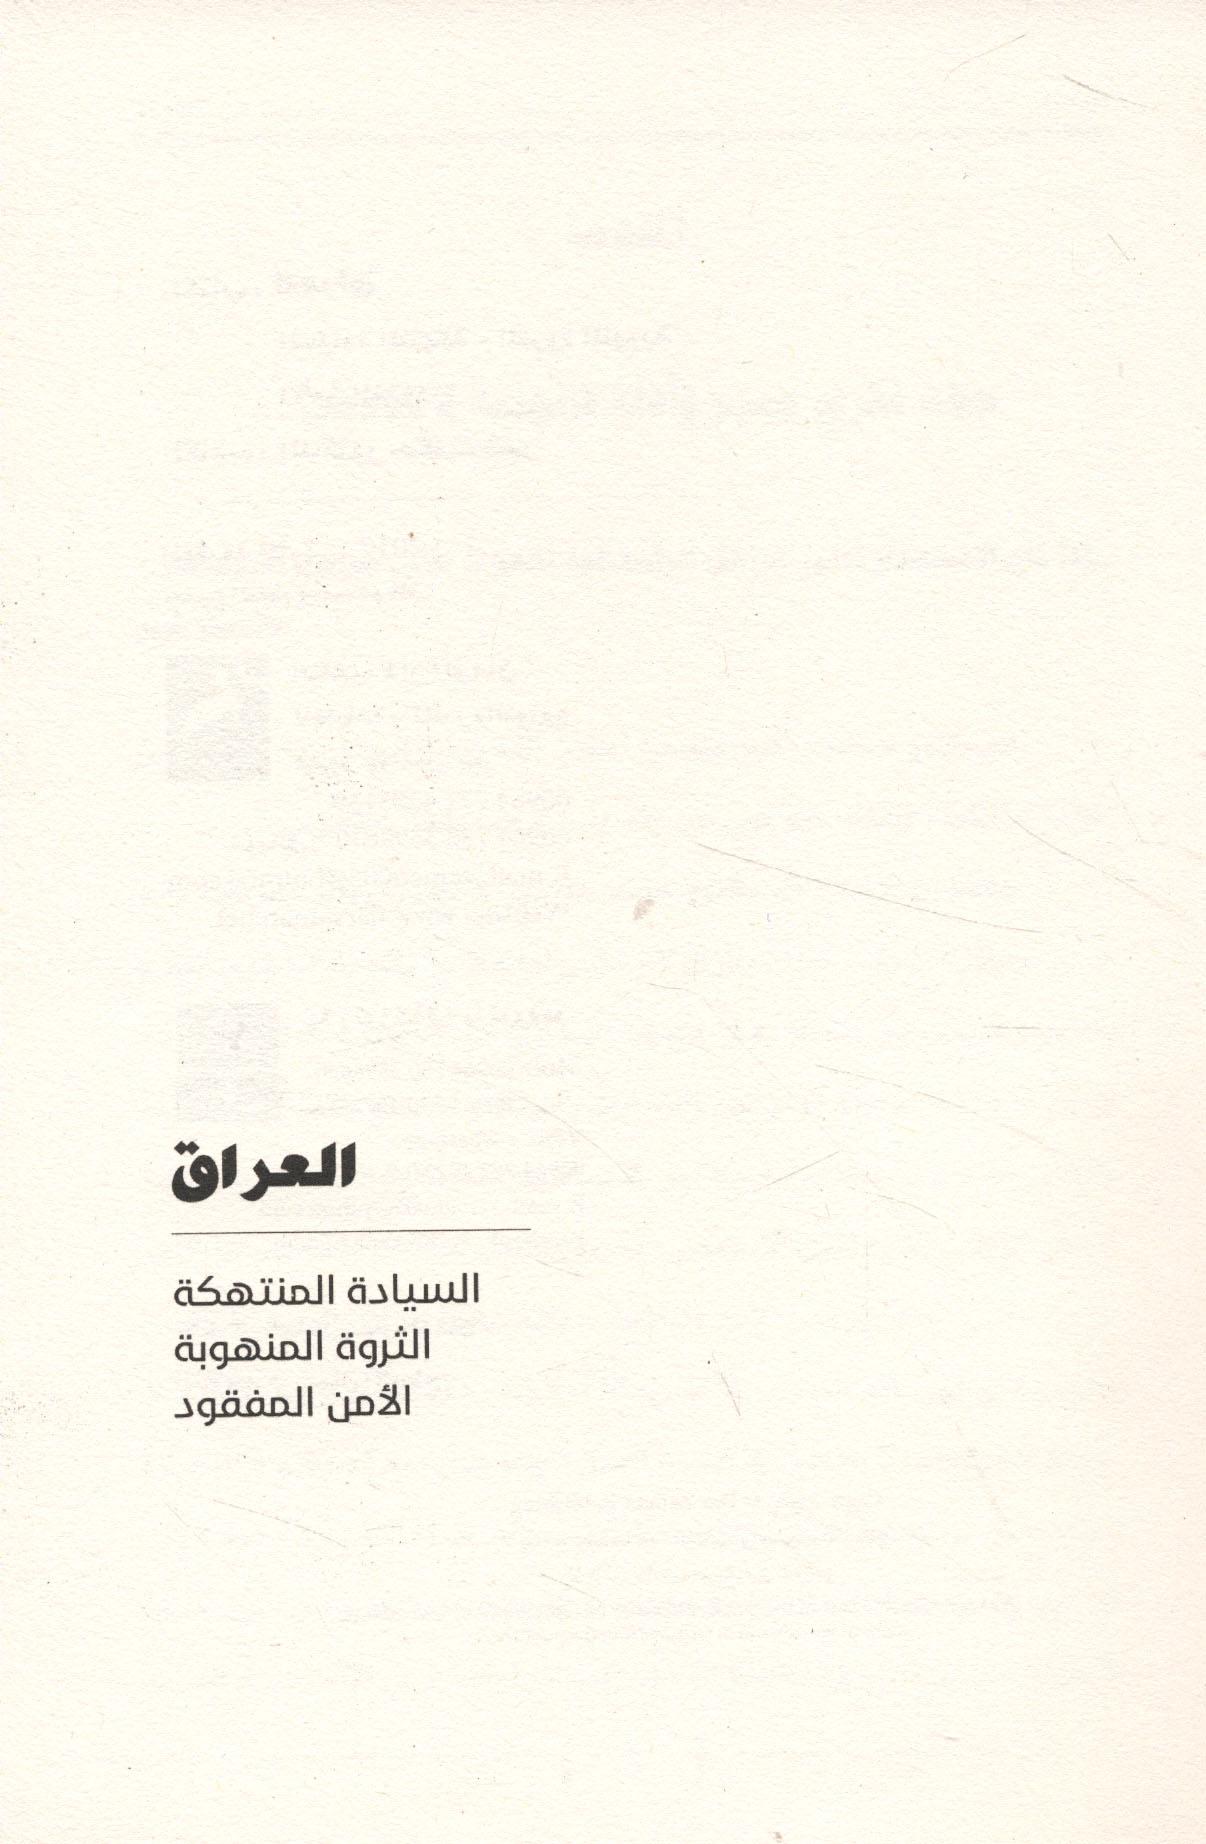 Iraq, al-siyadah al-muntahakah, al-tharwah al-manhubah, al-amn al-mafqud